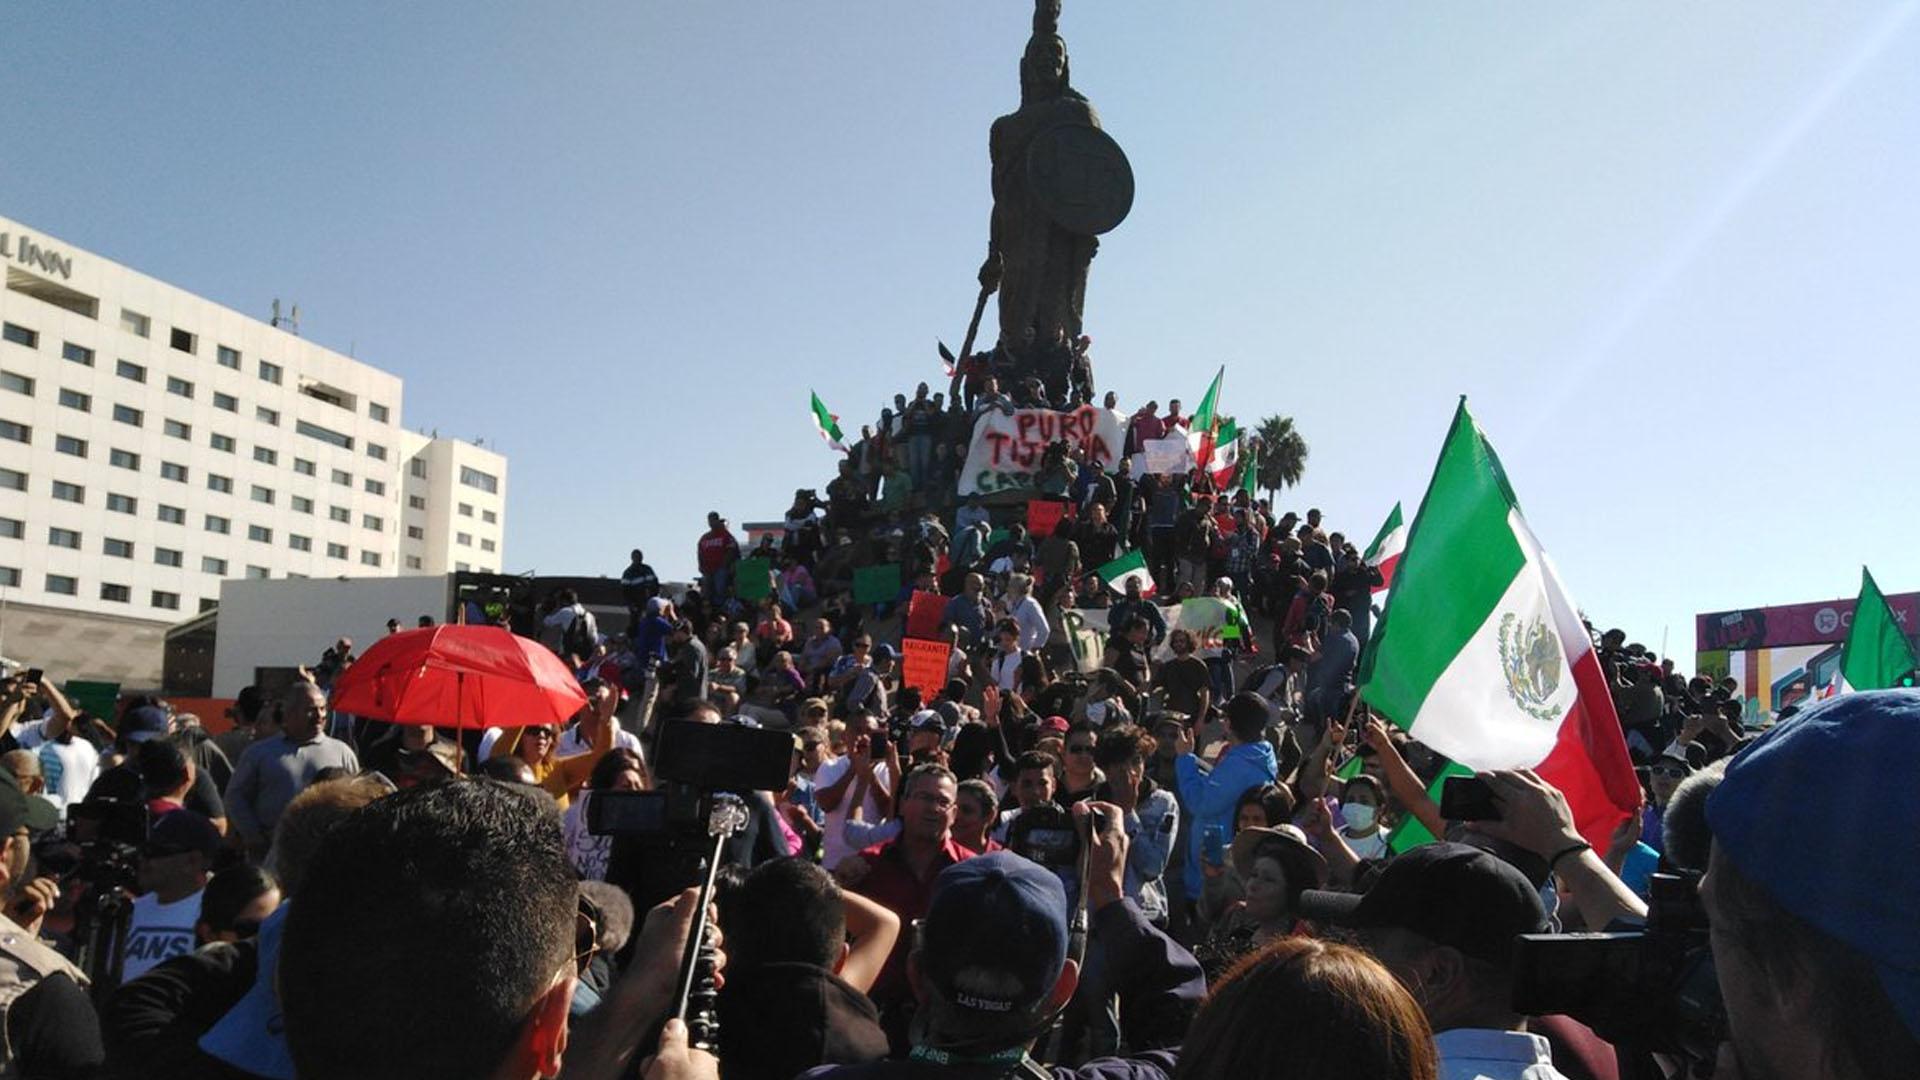 En una céntrica glorieta de la ciudad de Tijuana se manifestaron contra los migrantes. (Foto: @KaeuferTobias)